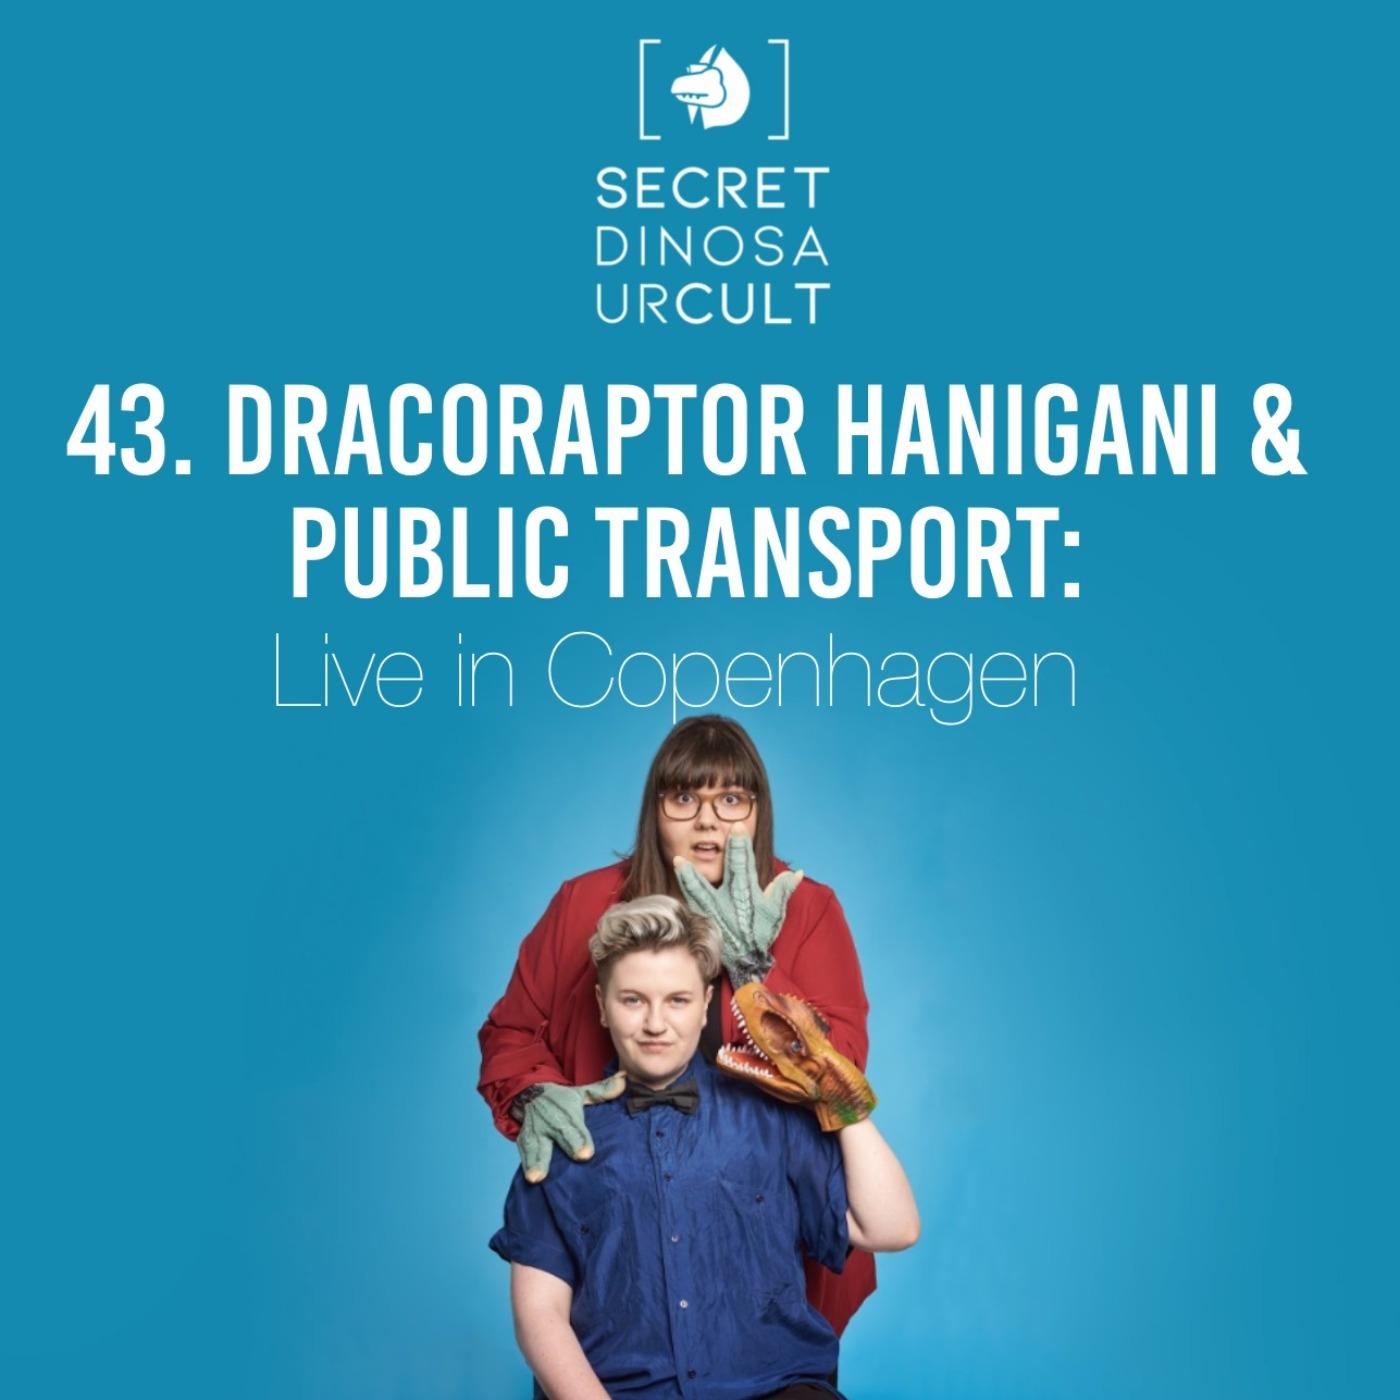 Dracoraptor Hanigani & Public Transport: Live in Copenhagen